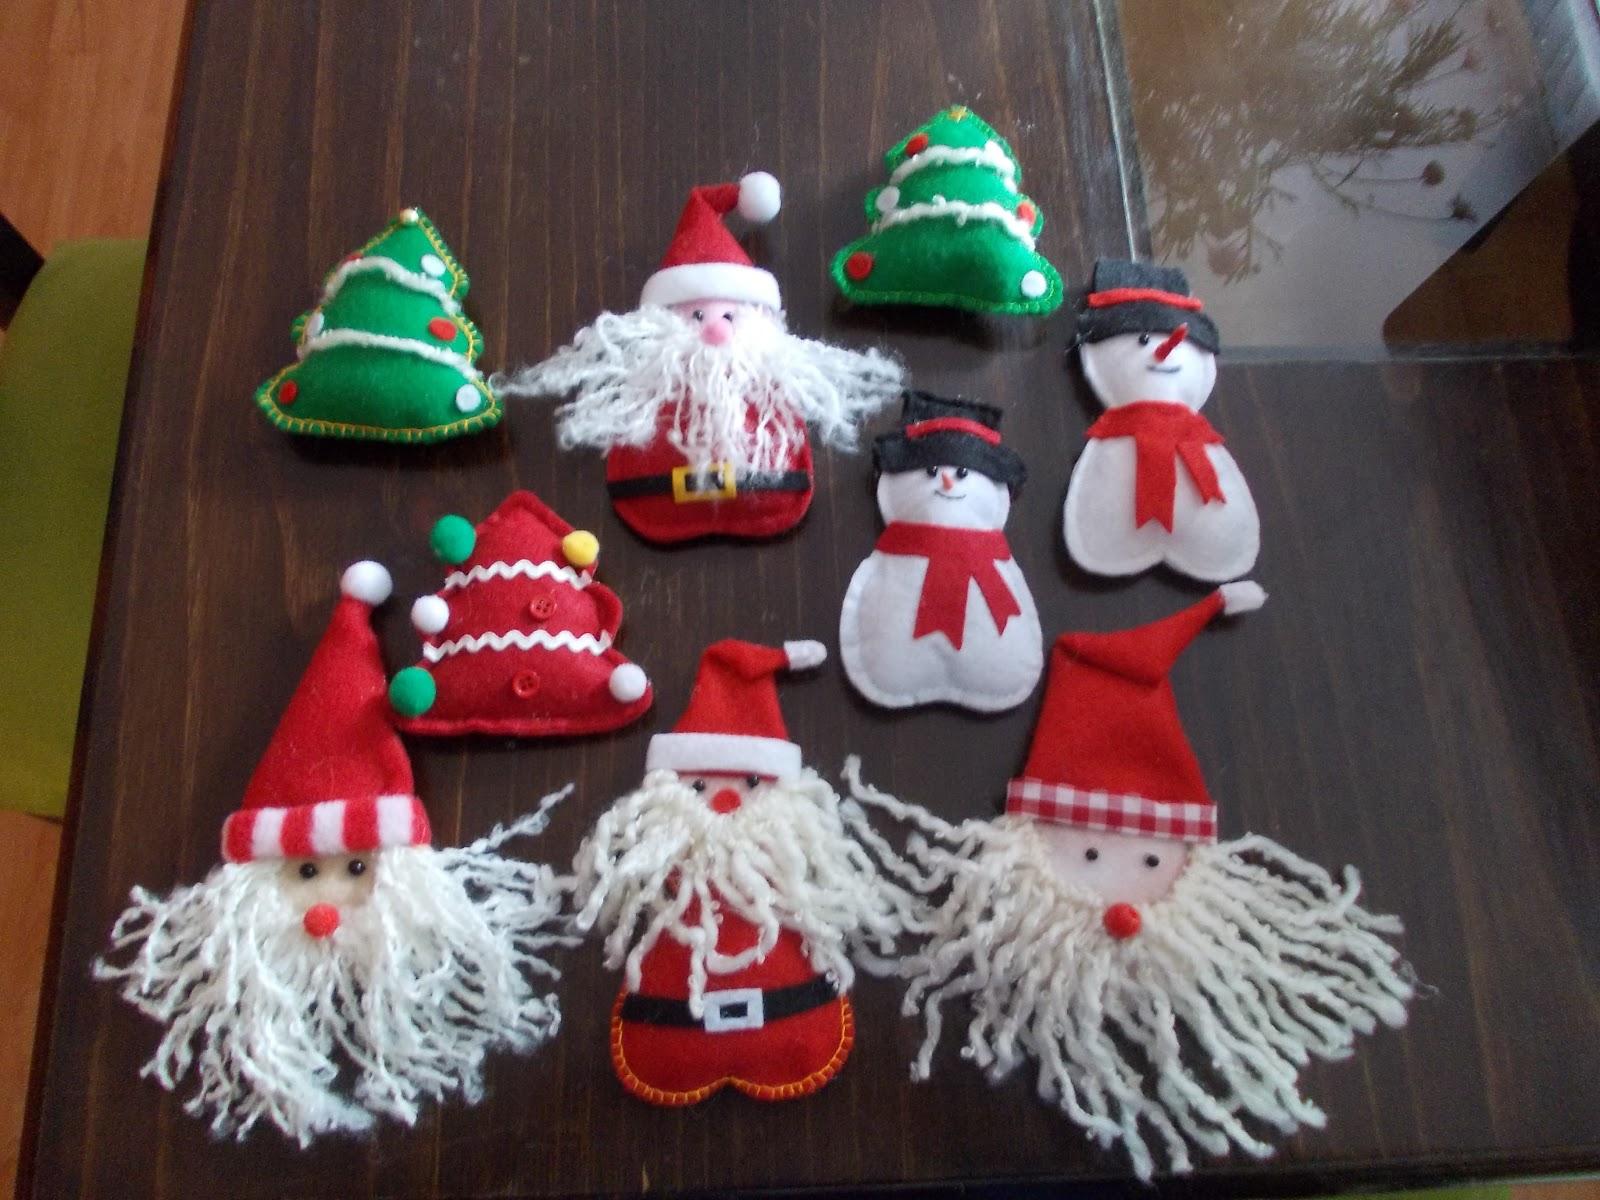 Adornos y regalos de navidad adornos para rbol de navidad - Adornos navidenos artesanales ...